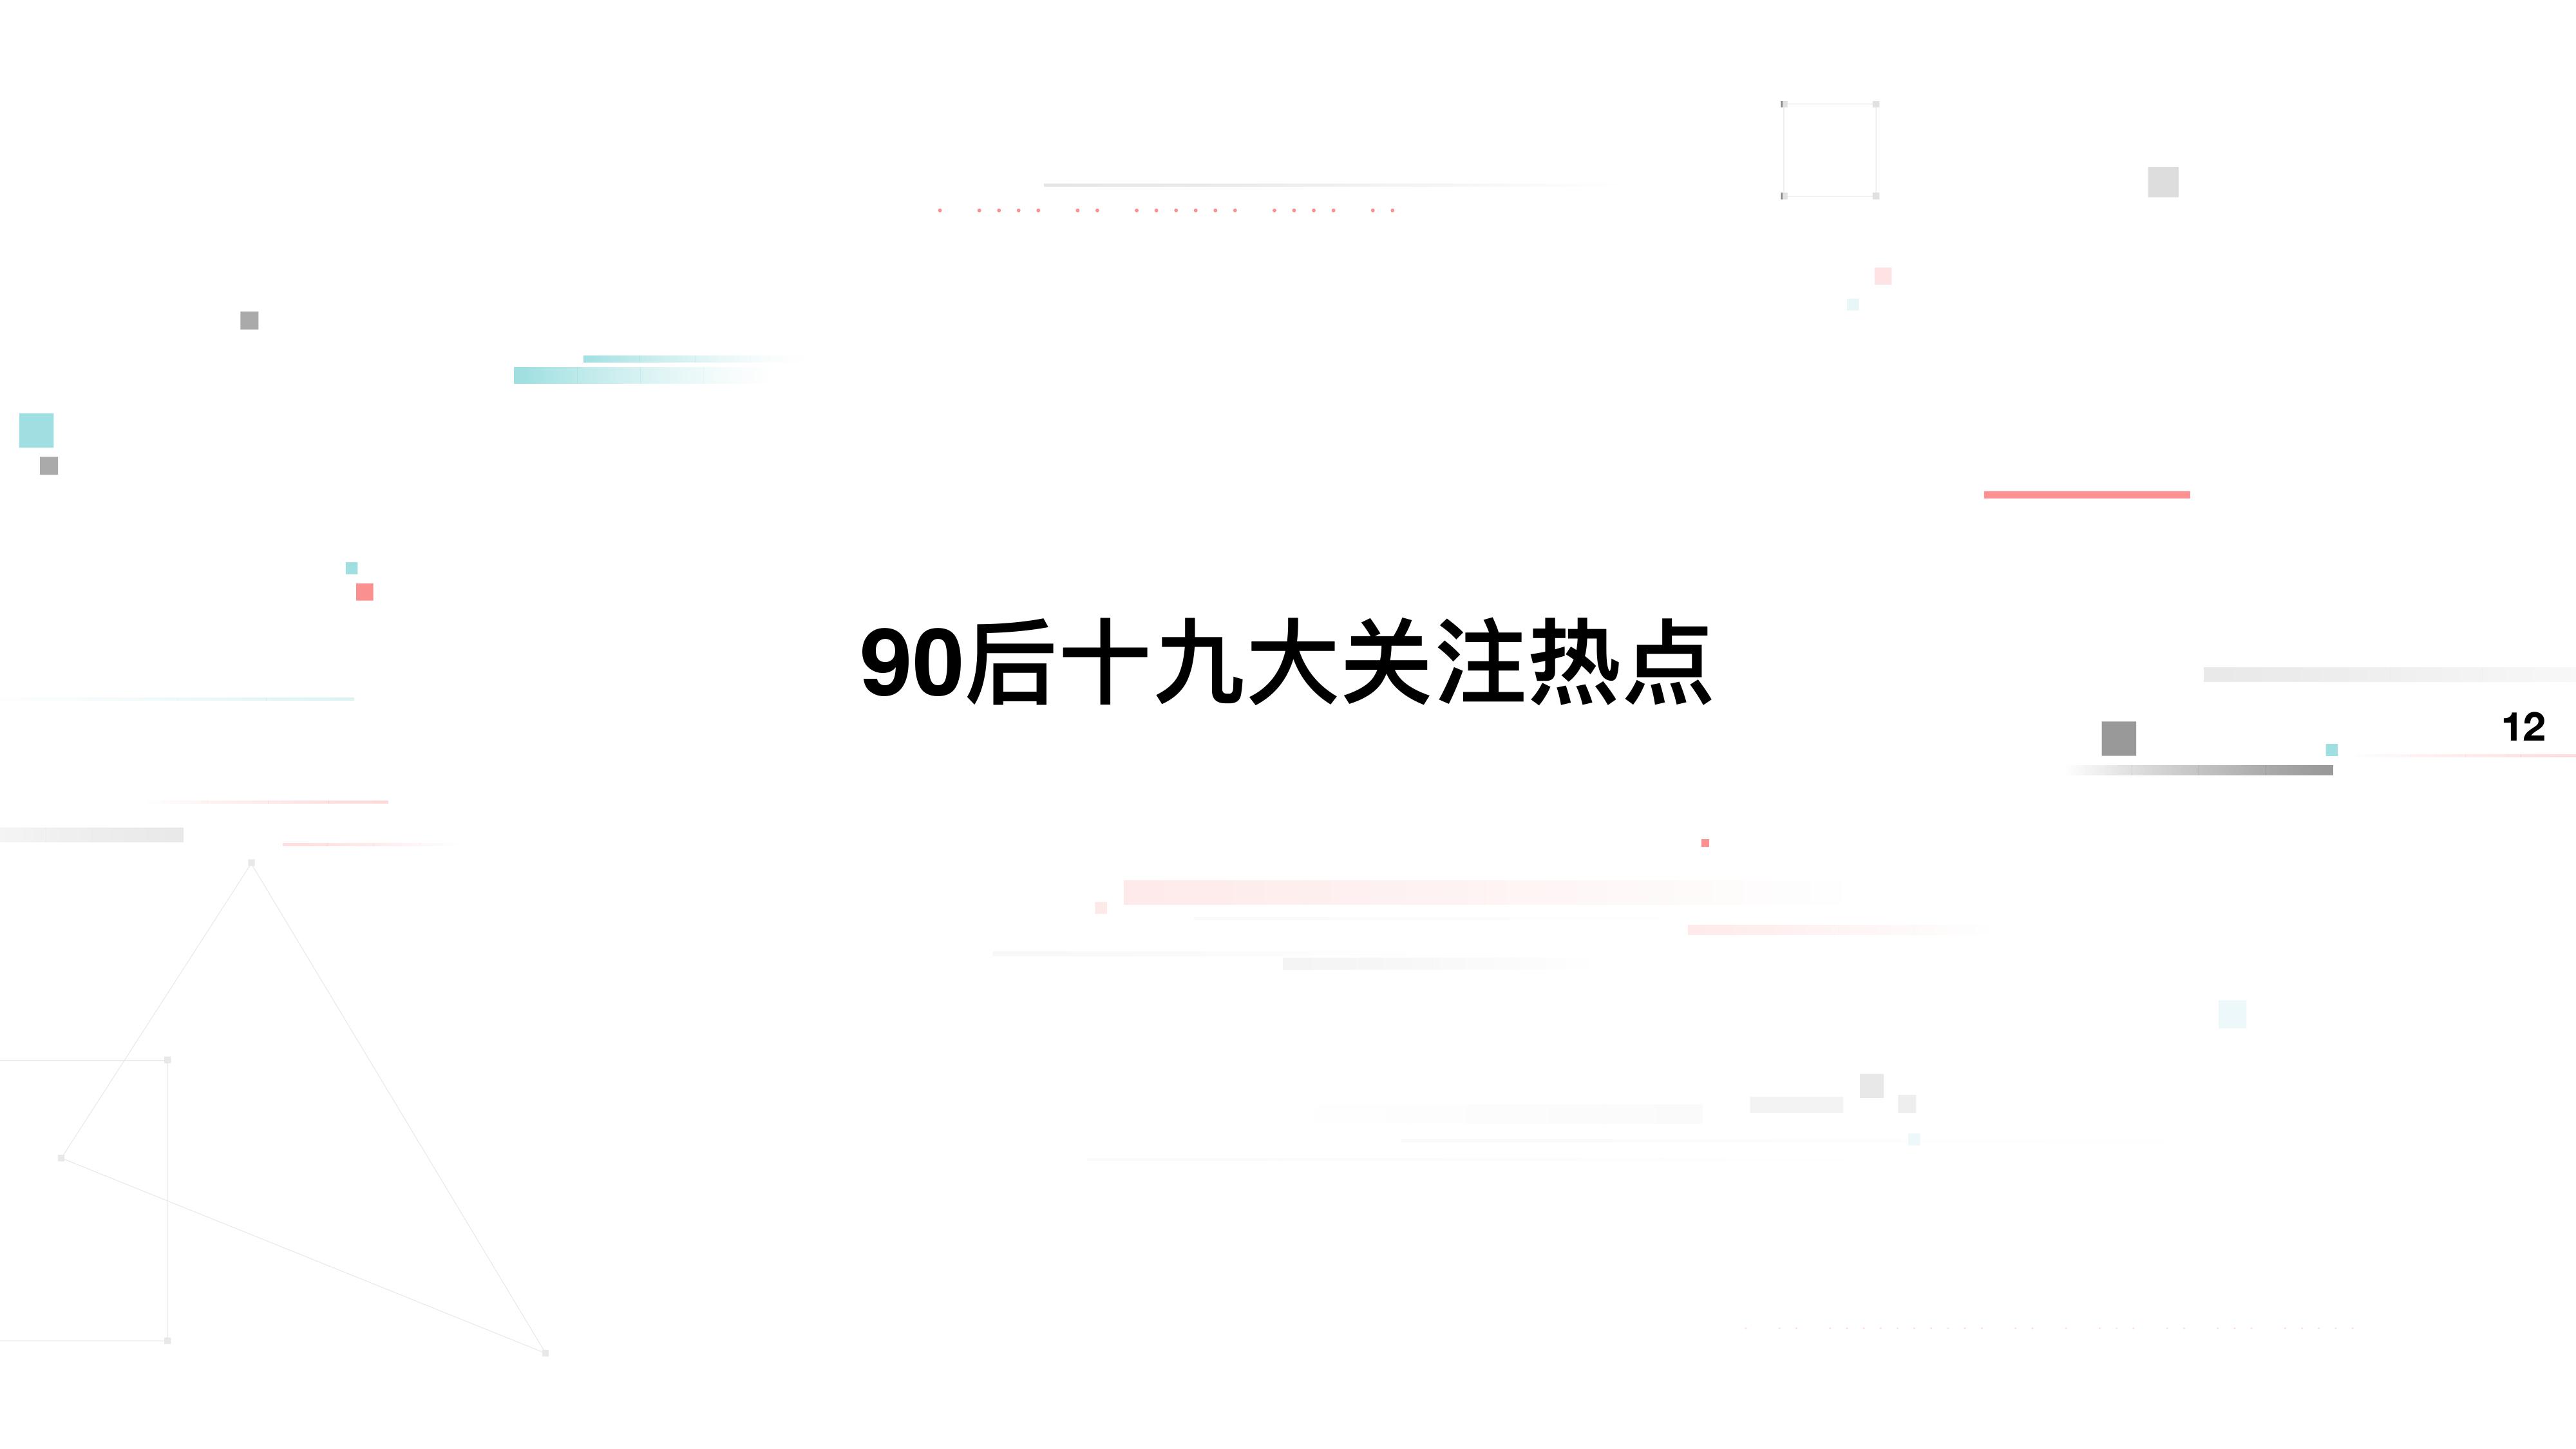 90后阅读十九大资讯大数据报告